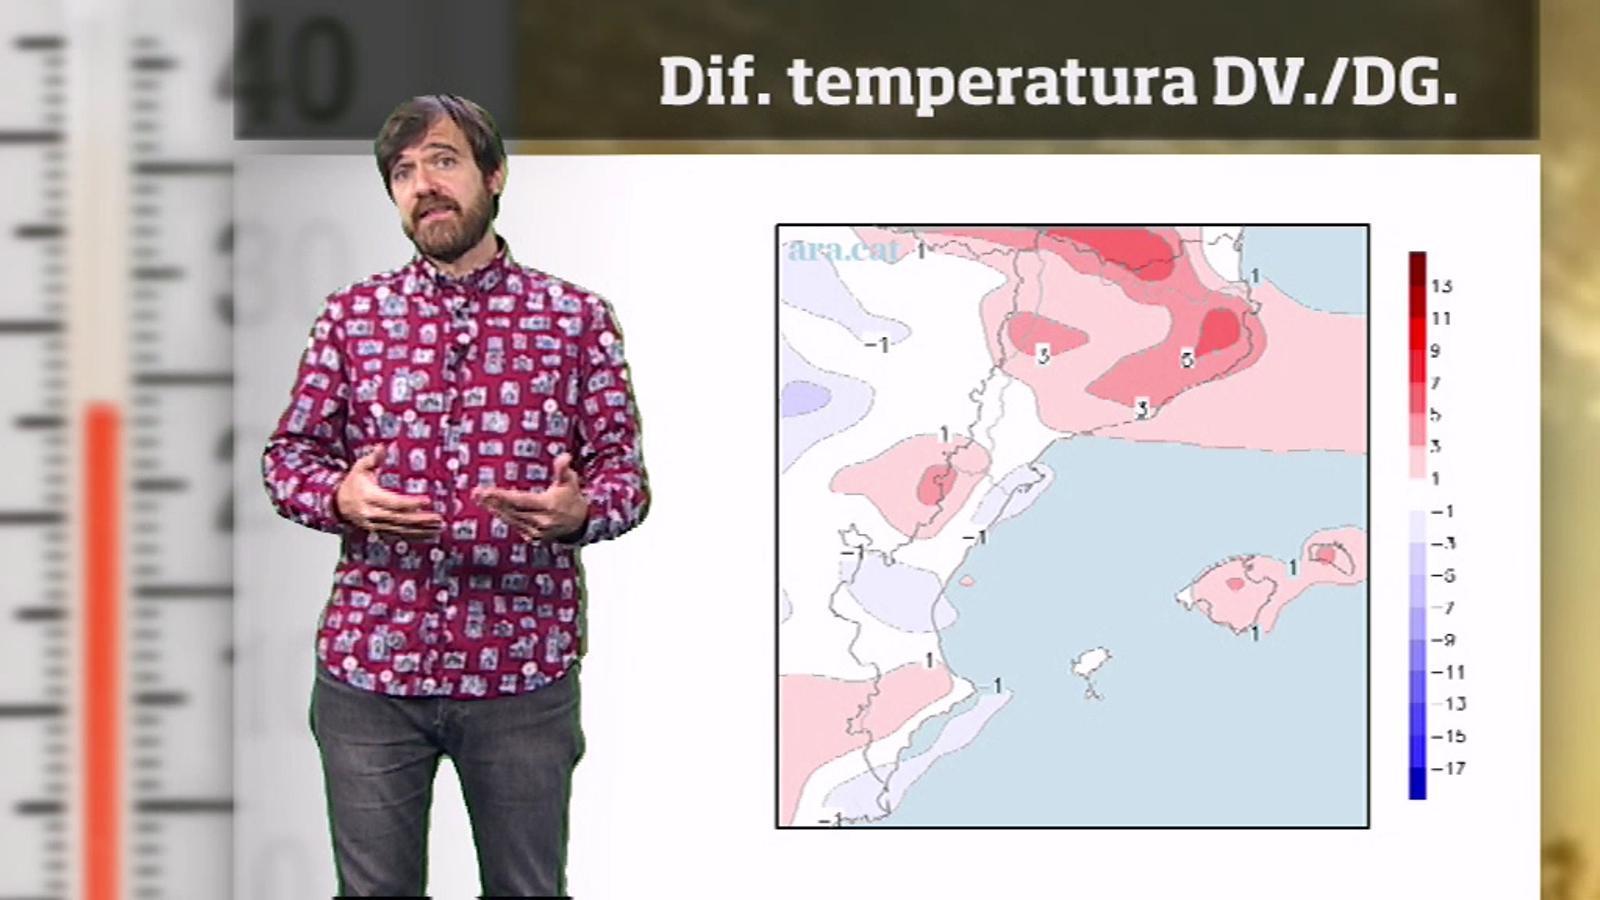 Méteo especial: cap de setmana poc fred, cap d'any ventós